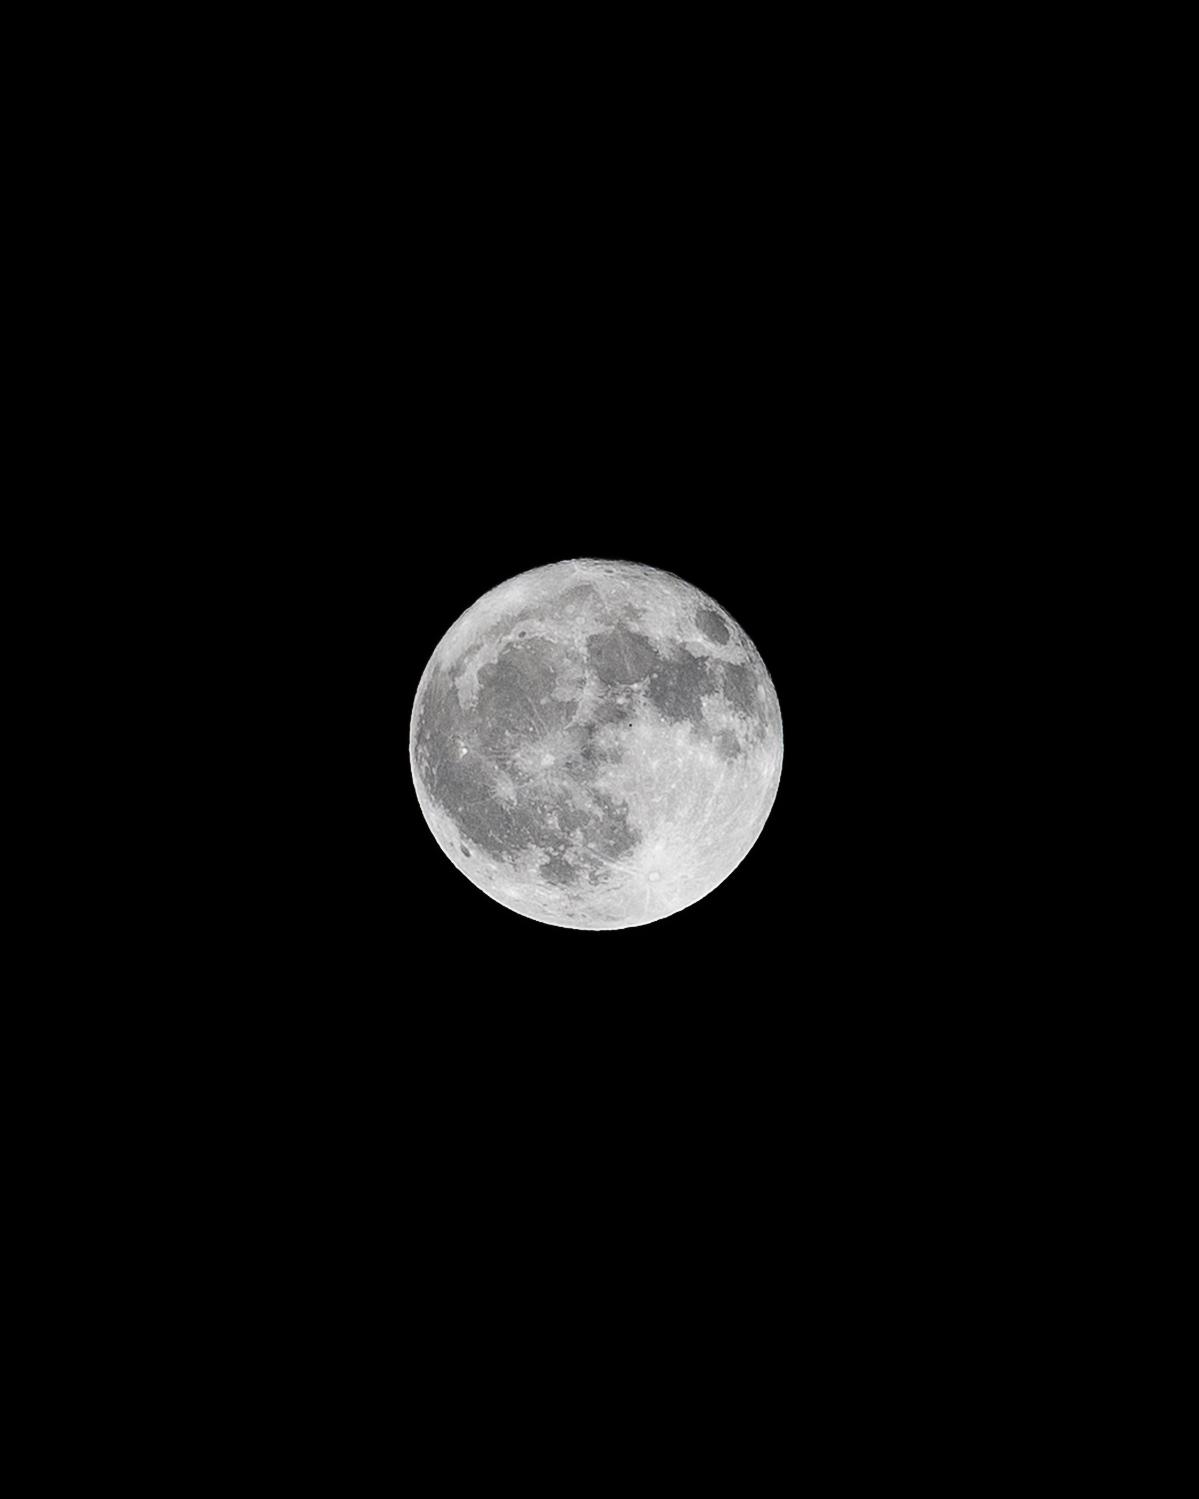 Full Moon in Brooklyn - Jimmy Larkin